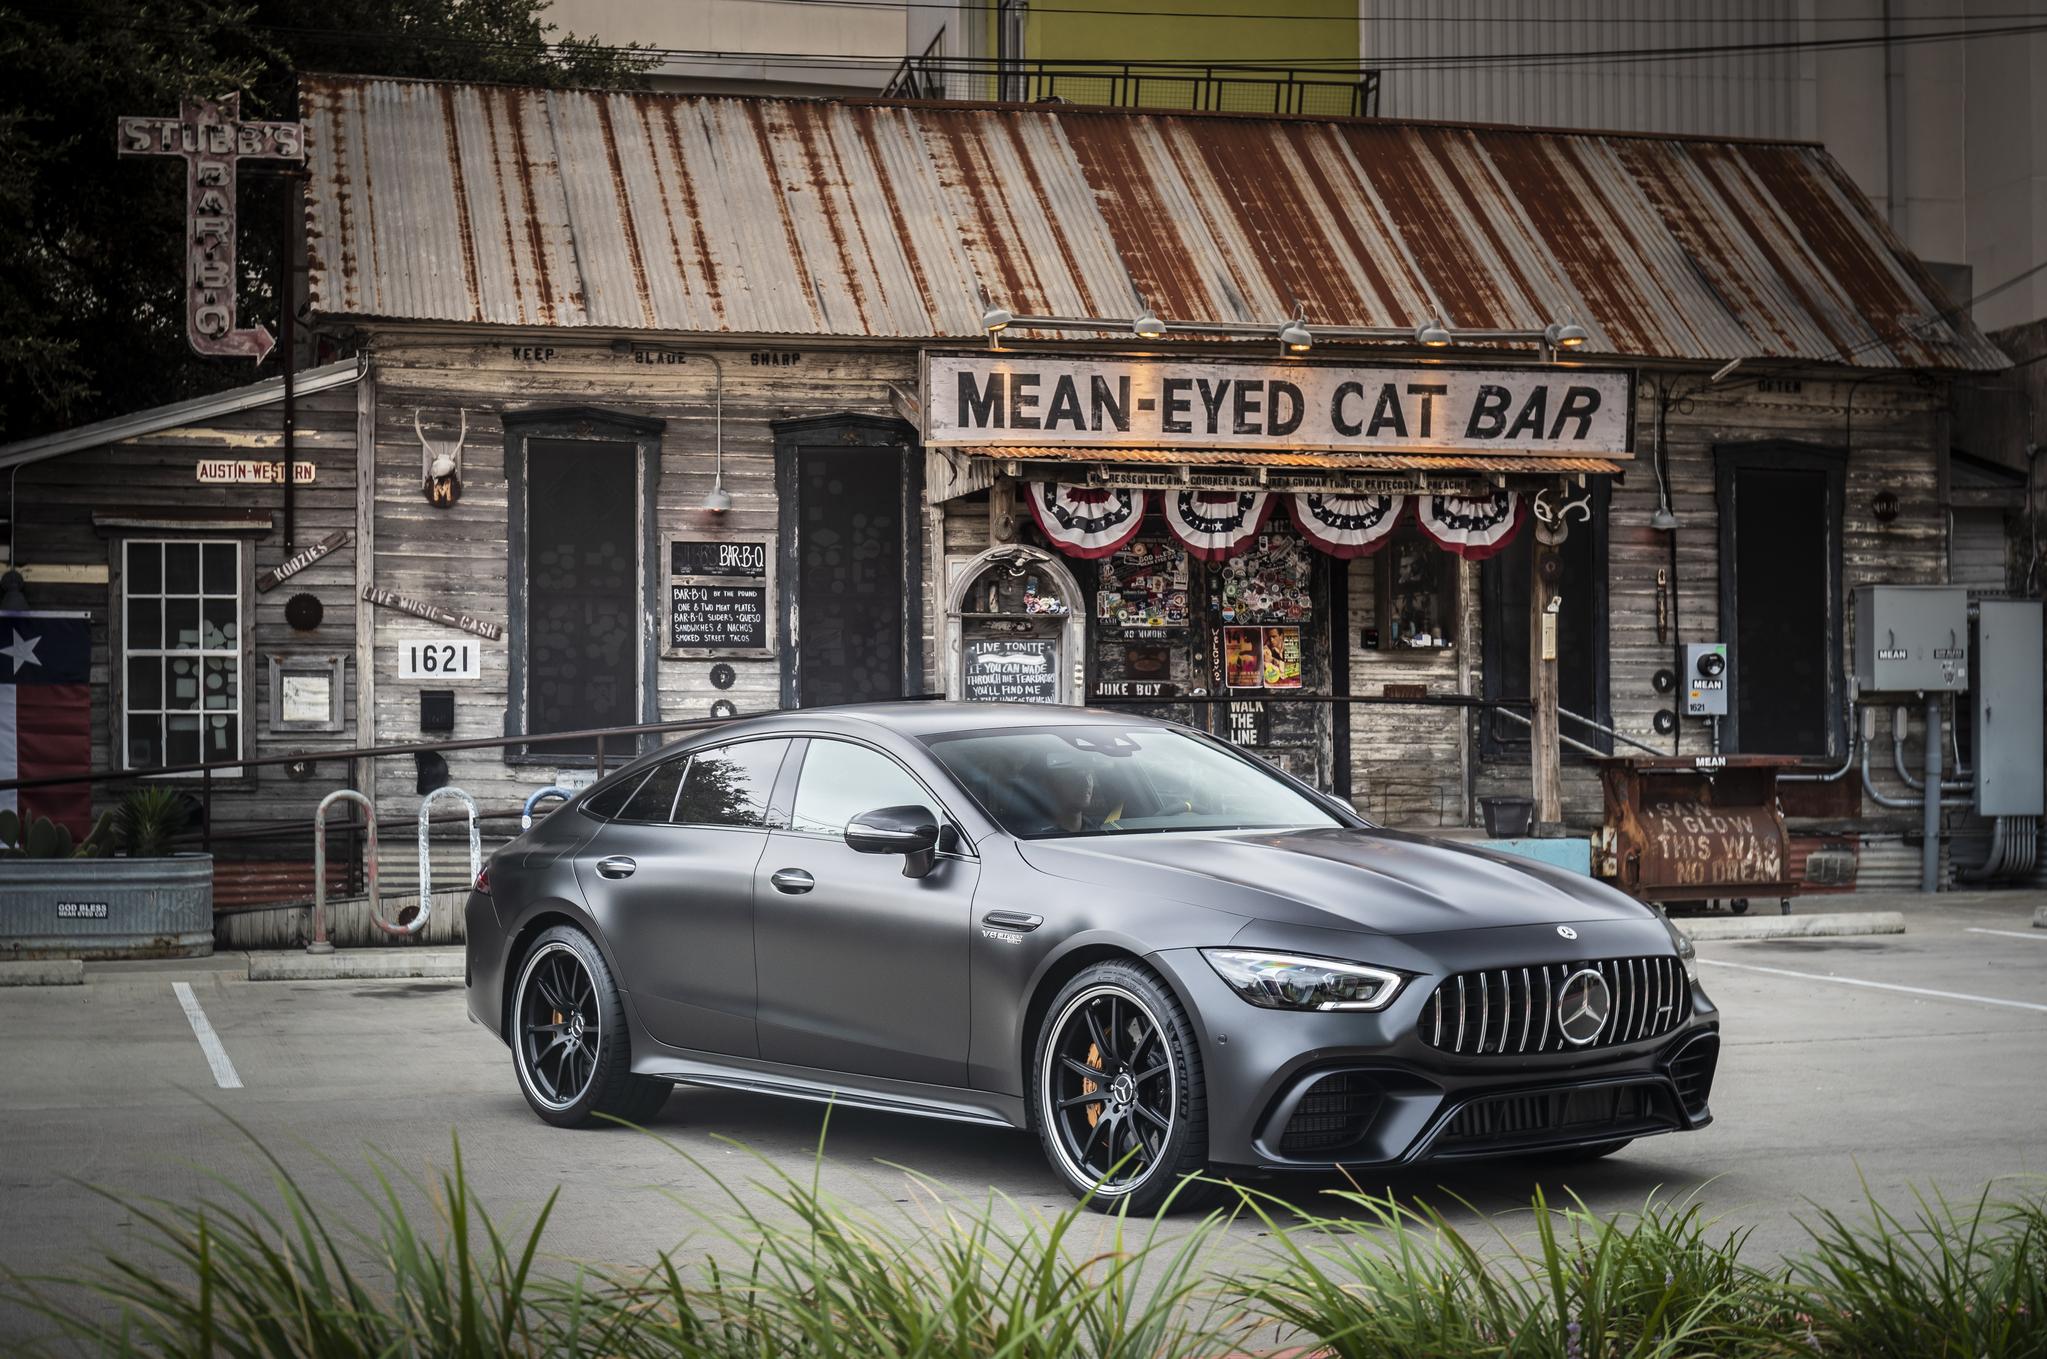 메르세데스-AMG는 지난 18일(현지시간) 미국 텍사스 오스틴에서 4인승 스포츠카 모델인 'AMG GT 63 S 4MATIC+' 시승 행사를 열었다. 최대 출력 639마력 엔진을 탑재한 이 차는 정지 상태에서 시속 100㎞까지 3.2초 안에 주파한다. 최고 속도는 315㎞/h다. [사진 메르세데스-AMG]